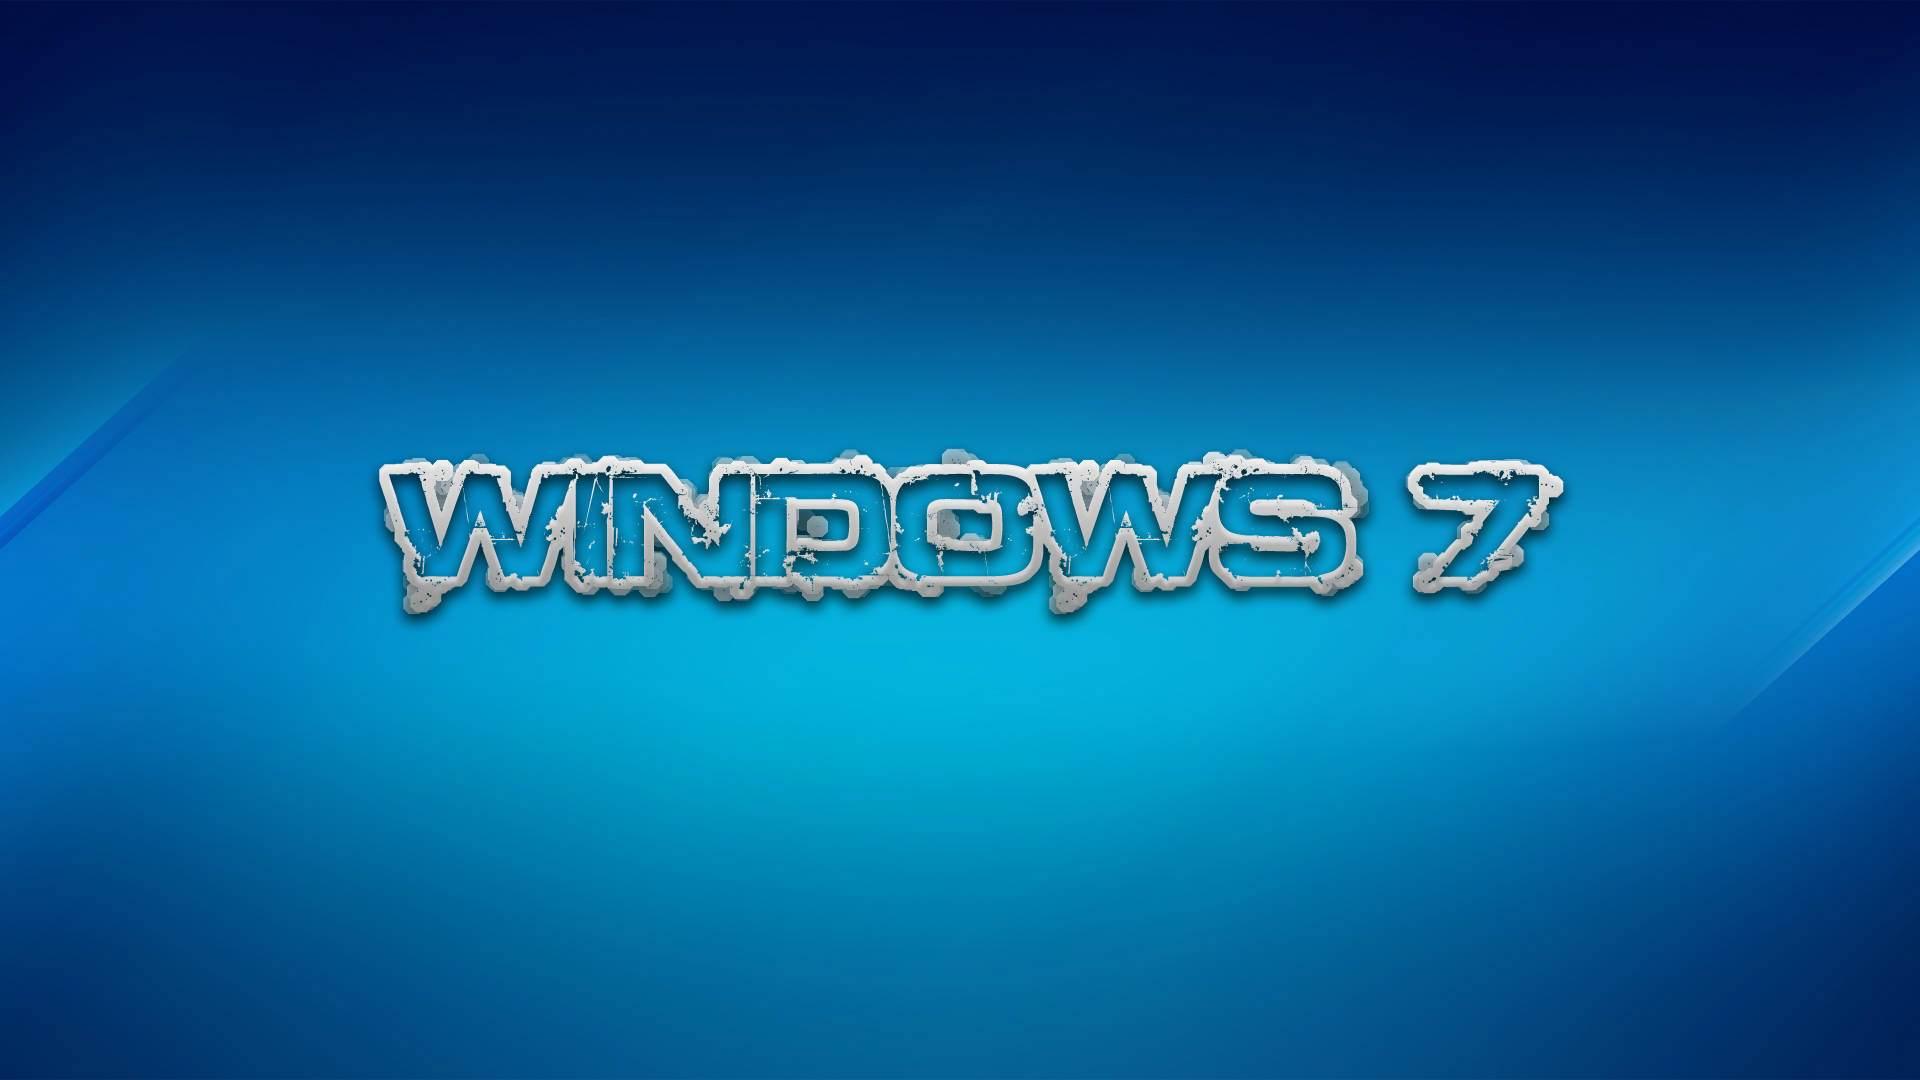 Essence 1 750mm wide shaving cabinet cibo design - Windows 7 Hd Wallpaper 16